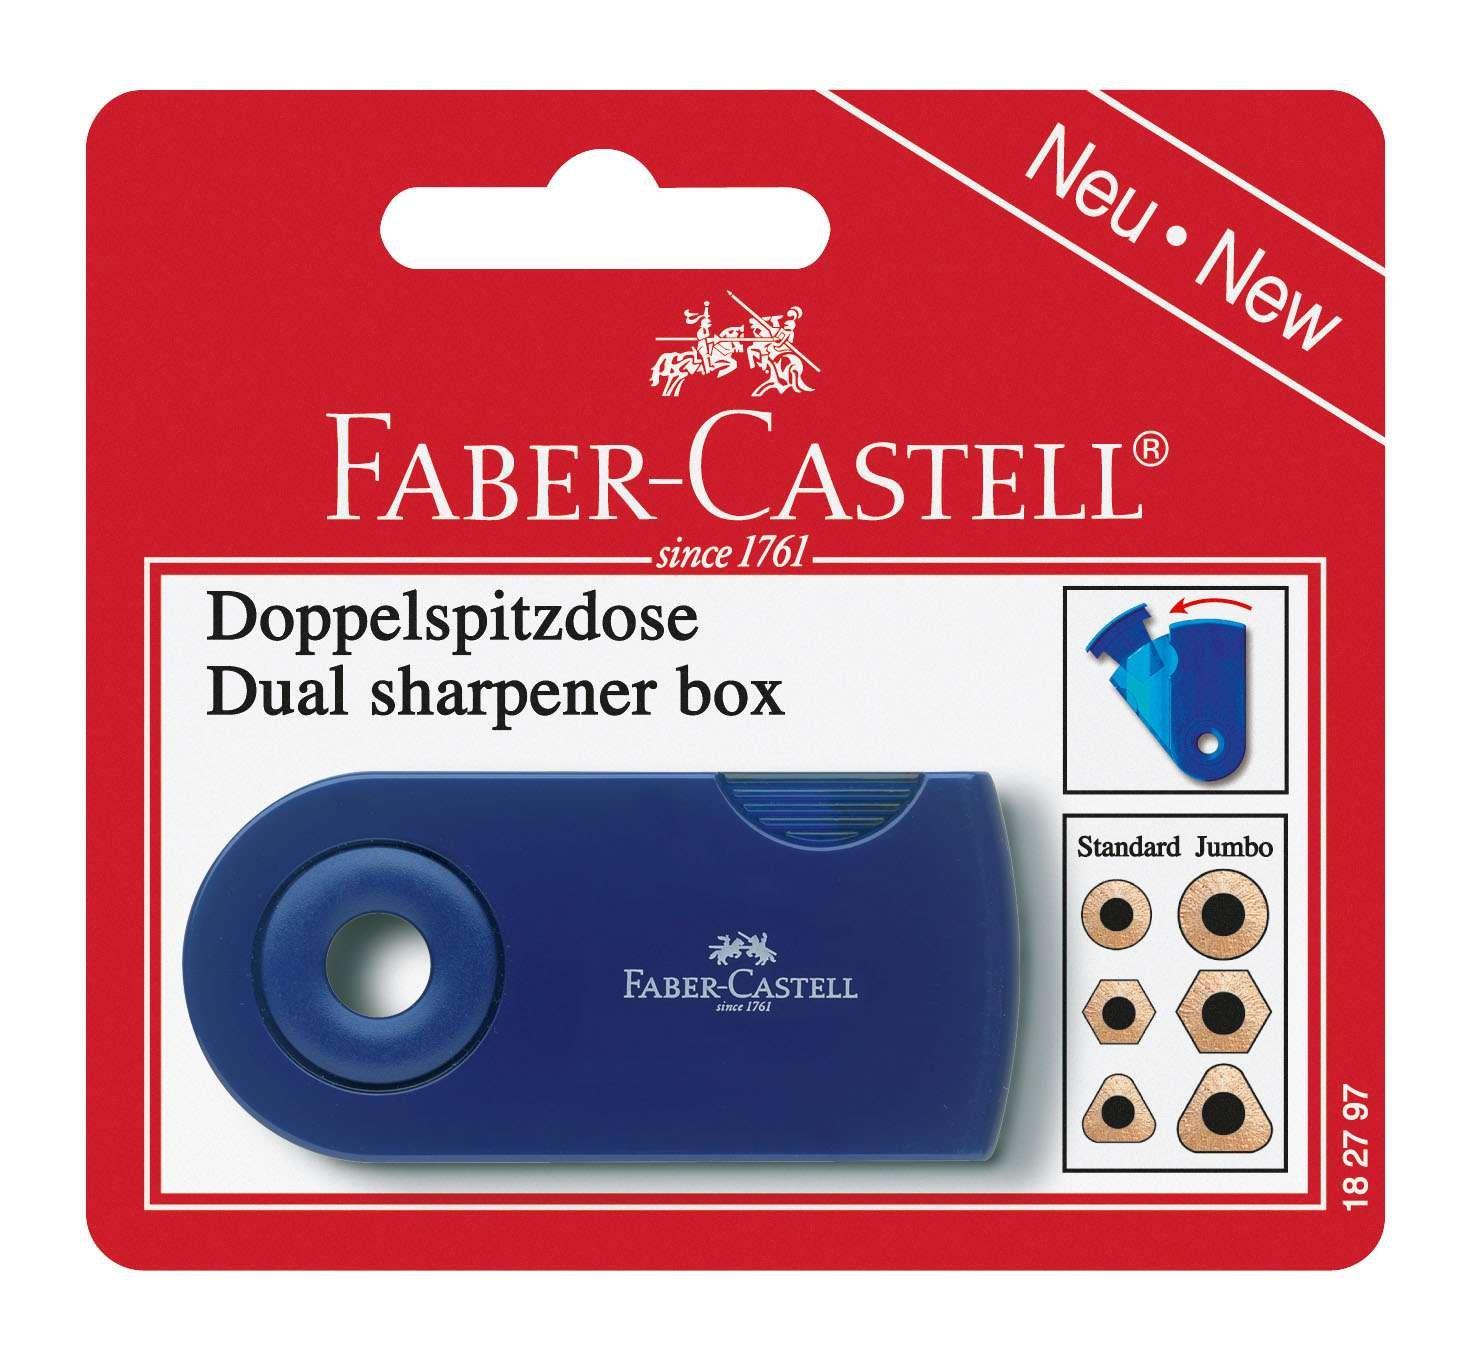 Faber-Castell 182797 - Doppelspitzdose, farblich sortiert